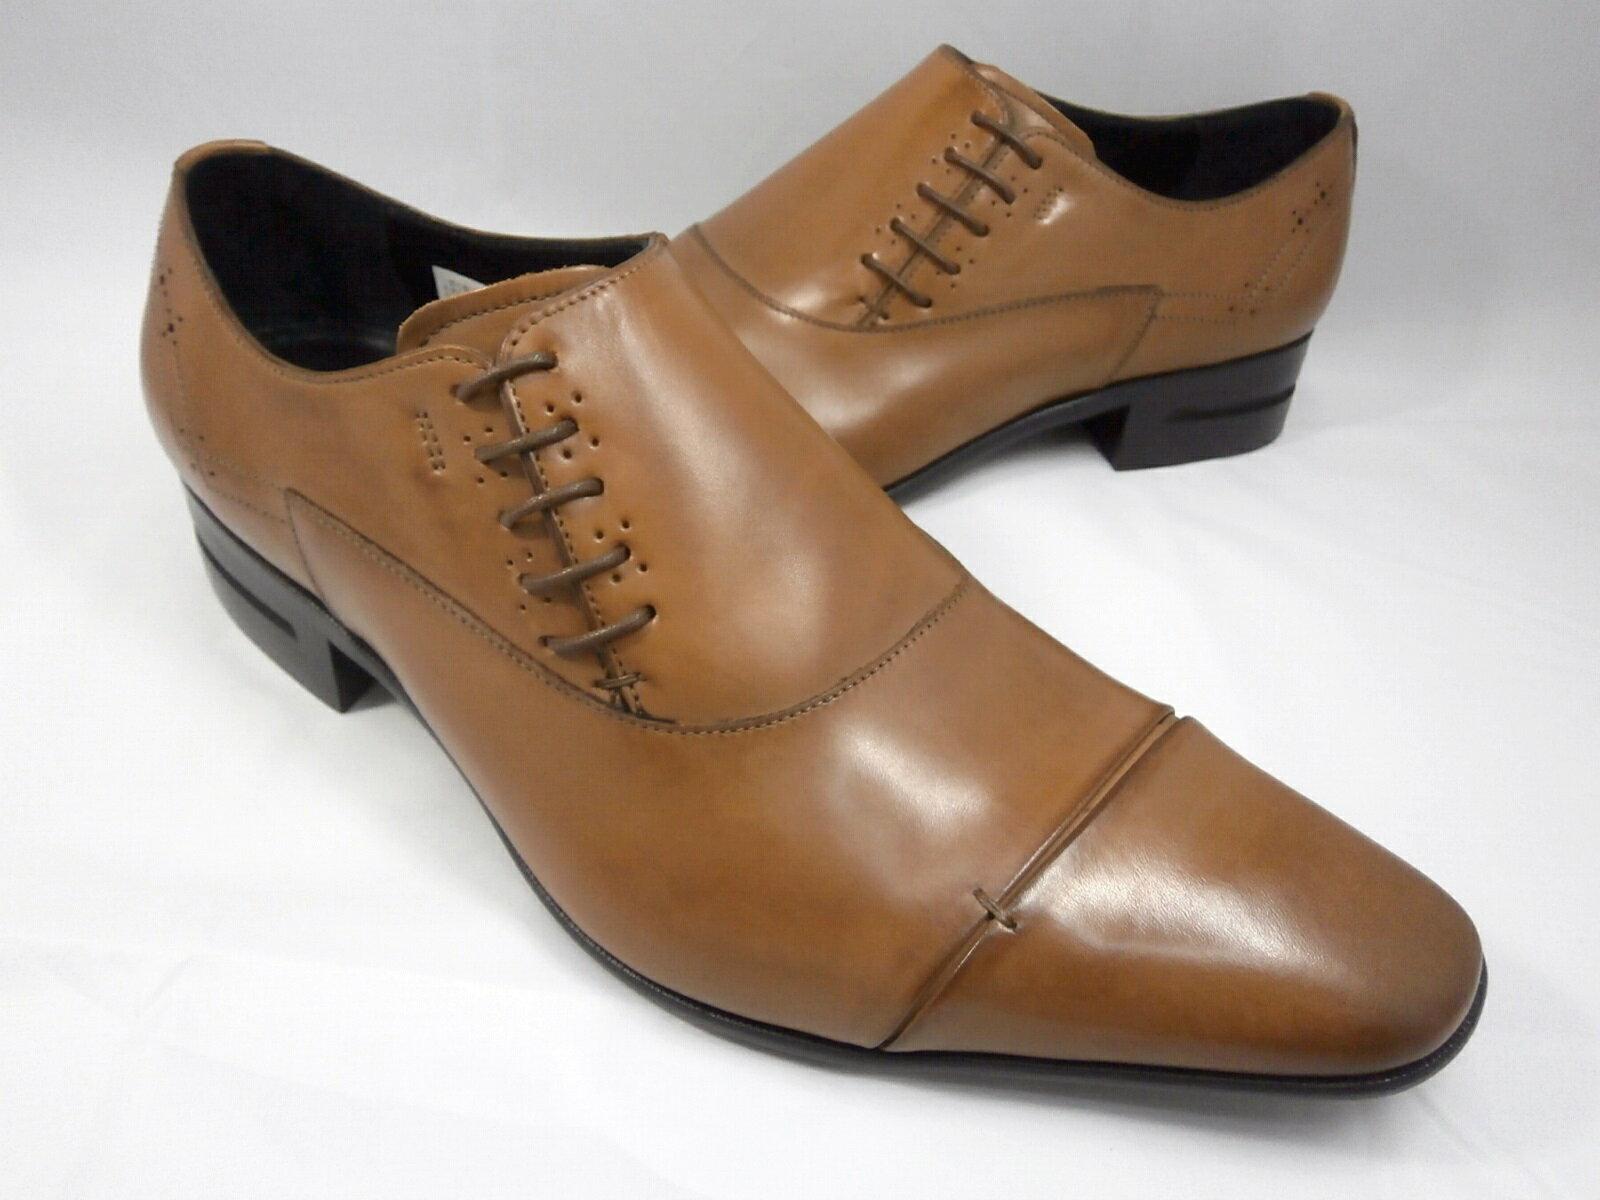 【17年夏新製品!】キャサリンハムネット サイドレーススリポン 31552(ブラウン)KATHARINE HAMNETT靴 紳士靴 【ポイント10倍】